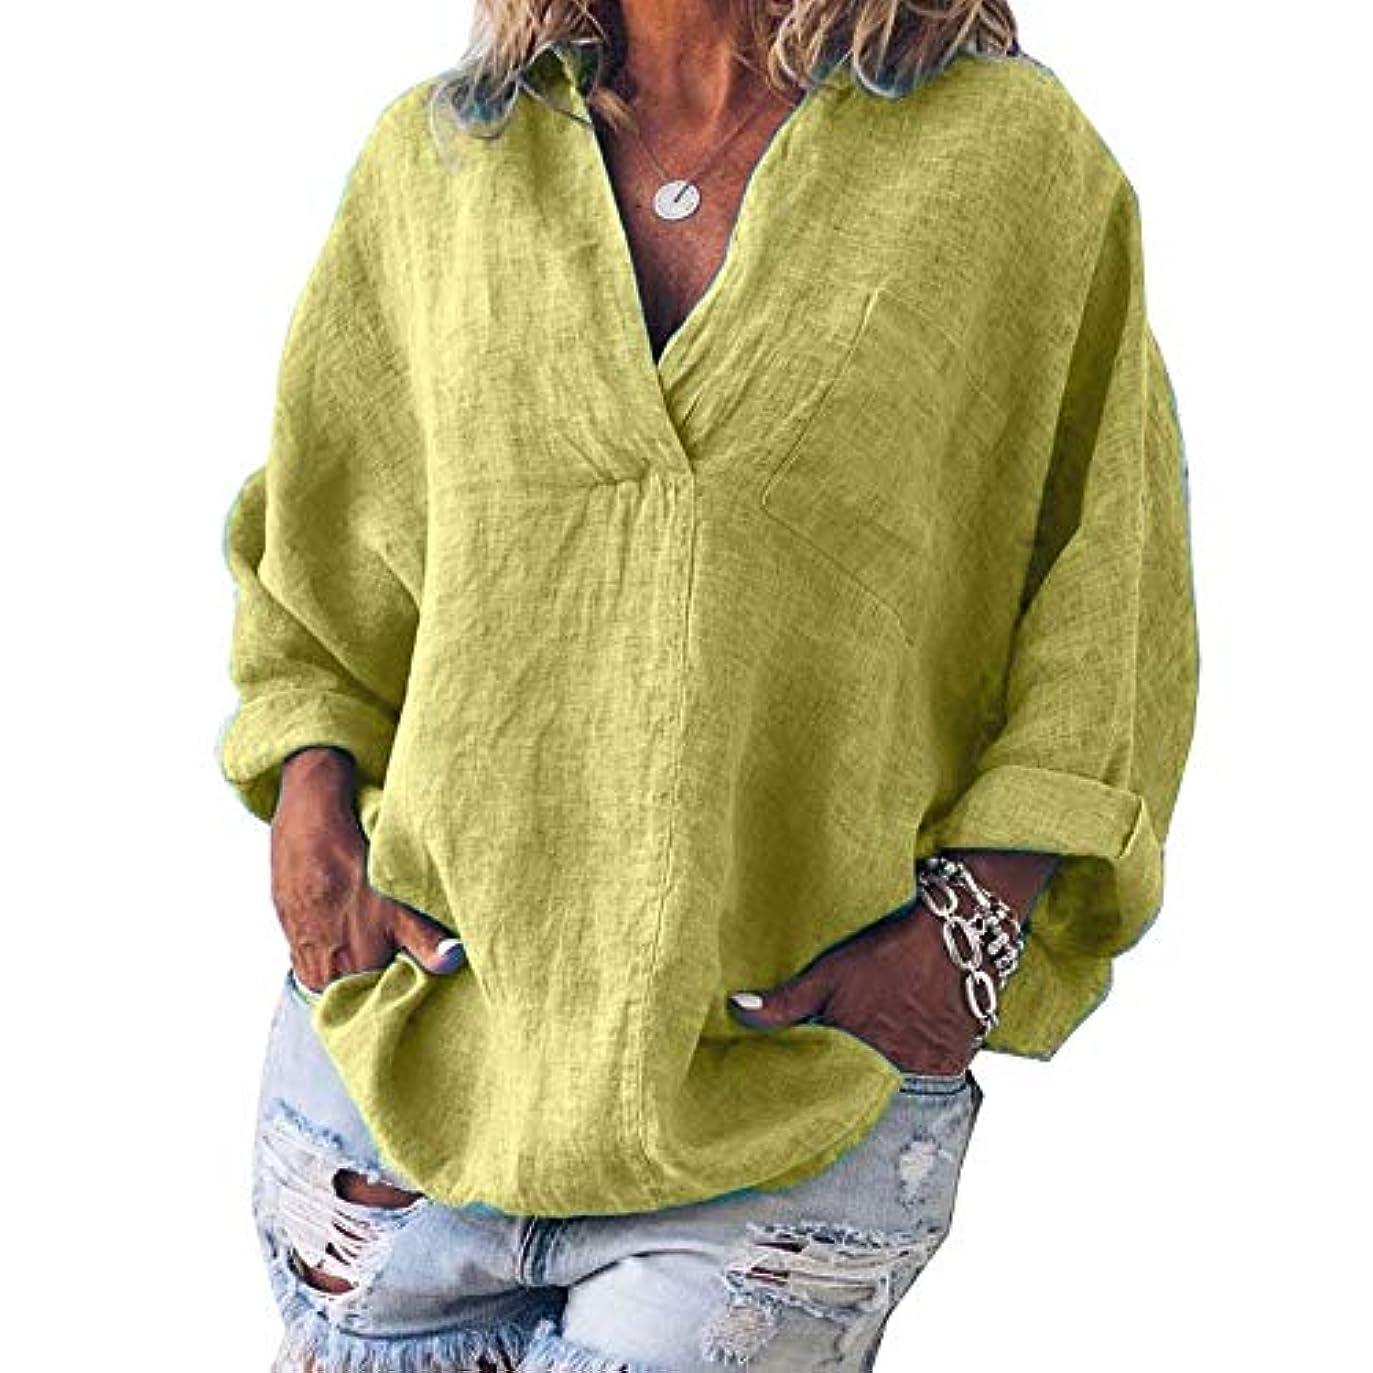 フォーマット民間人情熱MIFAN女性ファッション春夏チュニックトップス深いVネックTシャツ長袖プルオーバールーズリネンブラウス